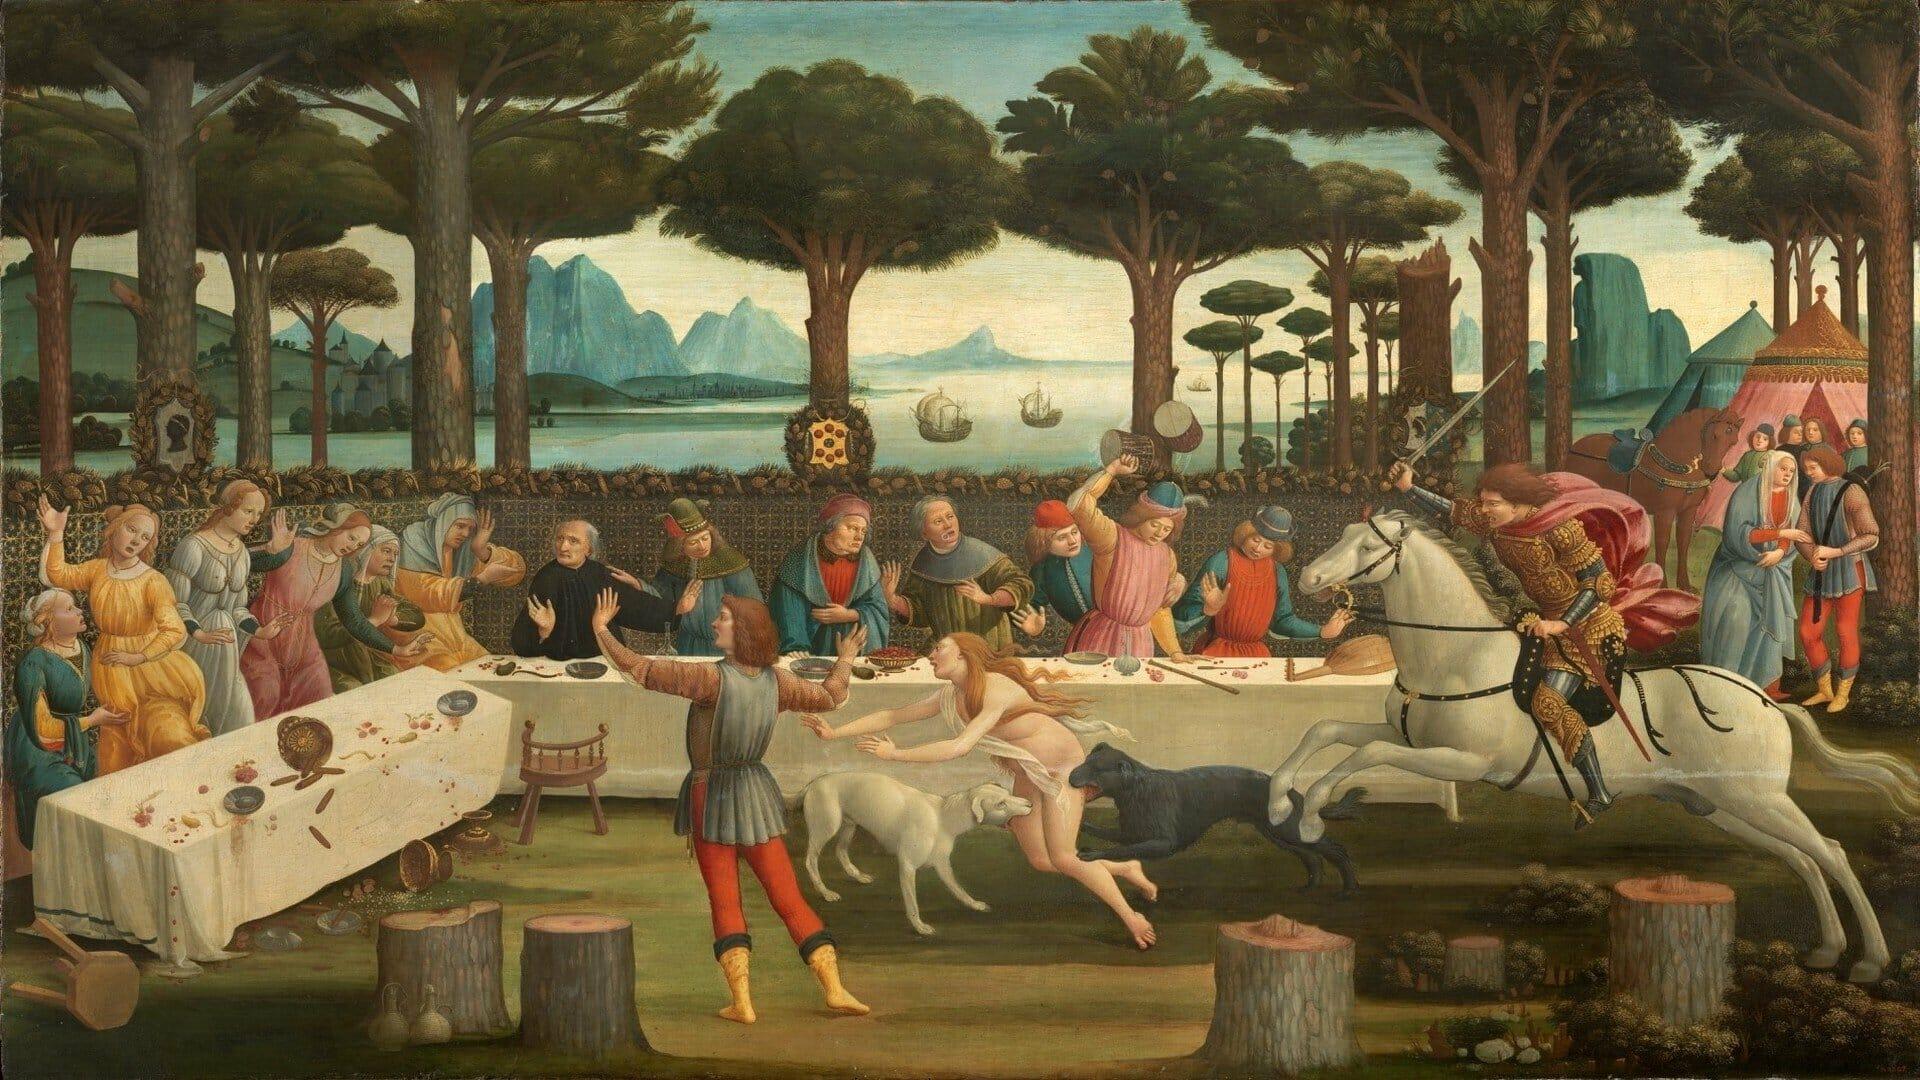 La gastronomía en el arte: 5 obras